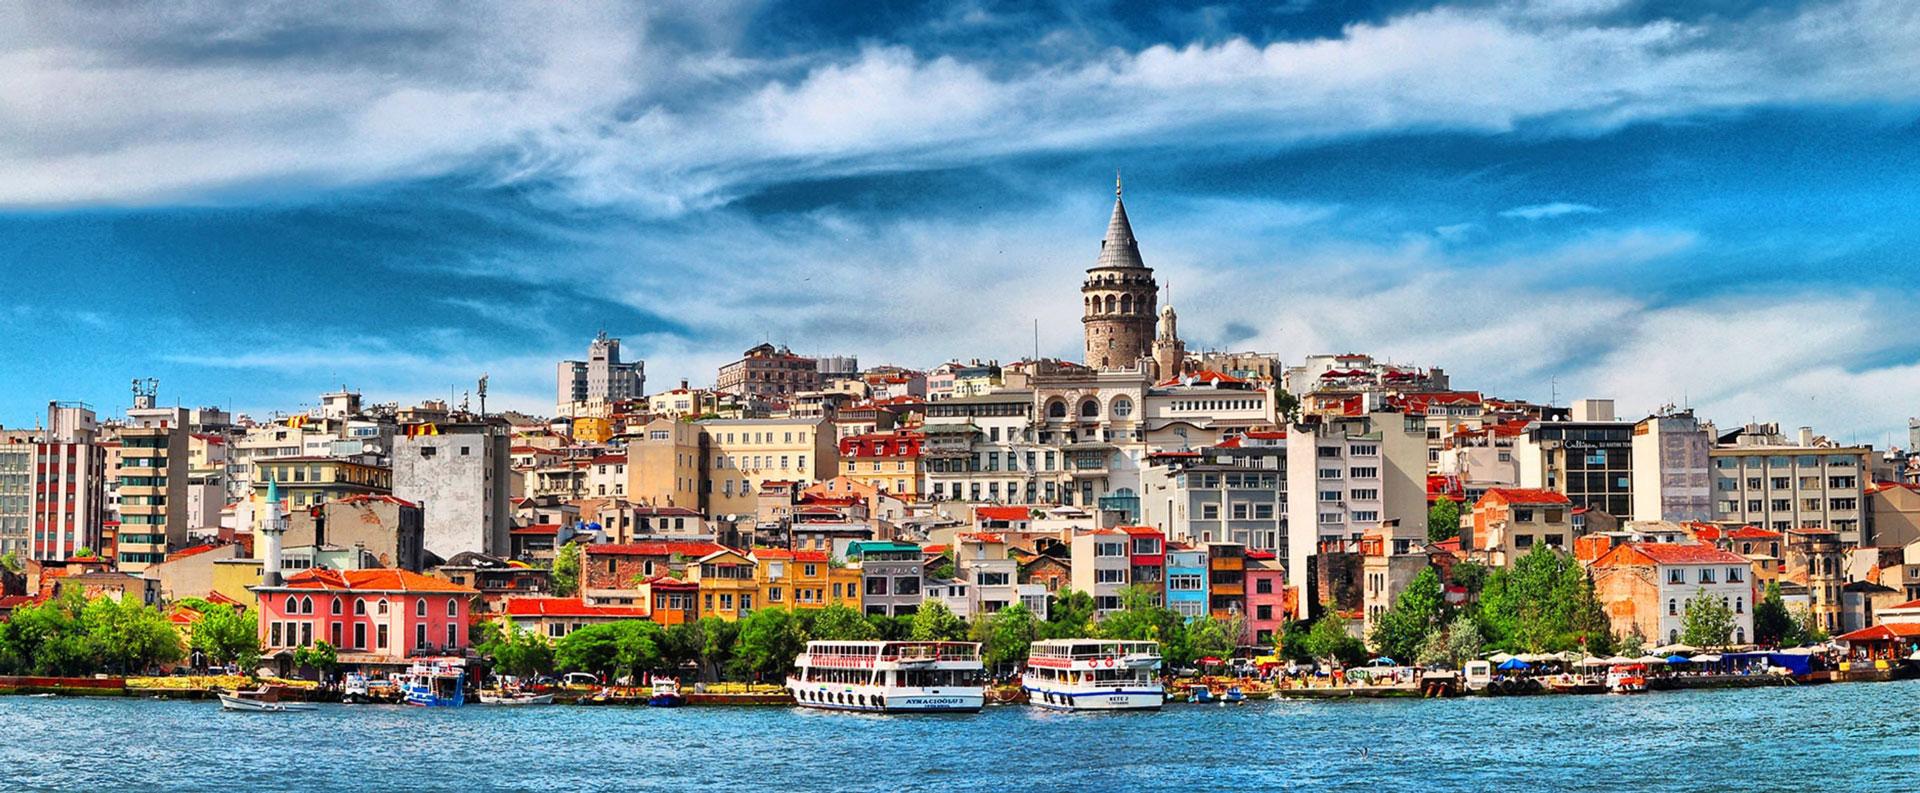 5 DAYS – TURKEY MINI TOUR